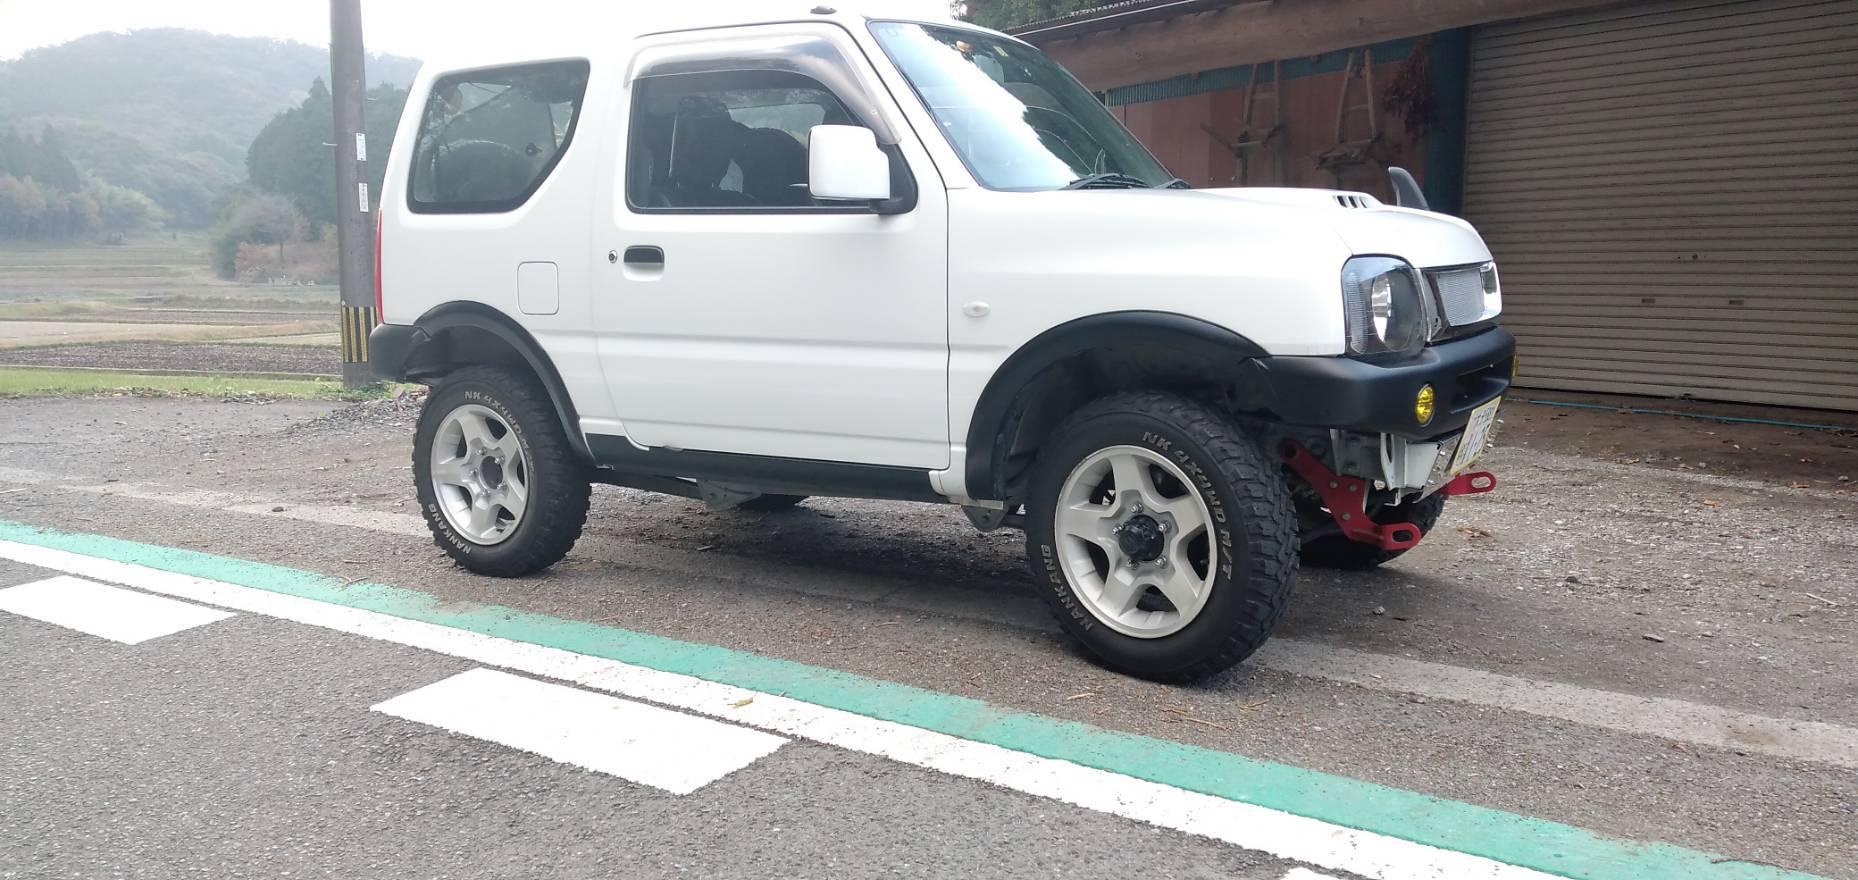 ジムニー JB23  タイヤ 純正サイズ (175/80-R16)から 変えました!_a0330739_09032081.jpg